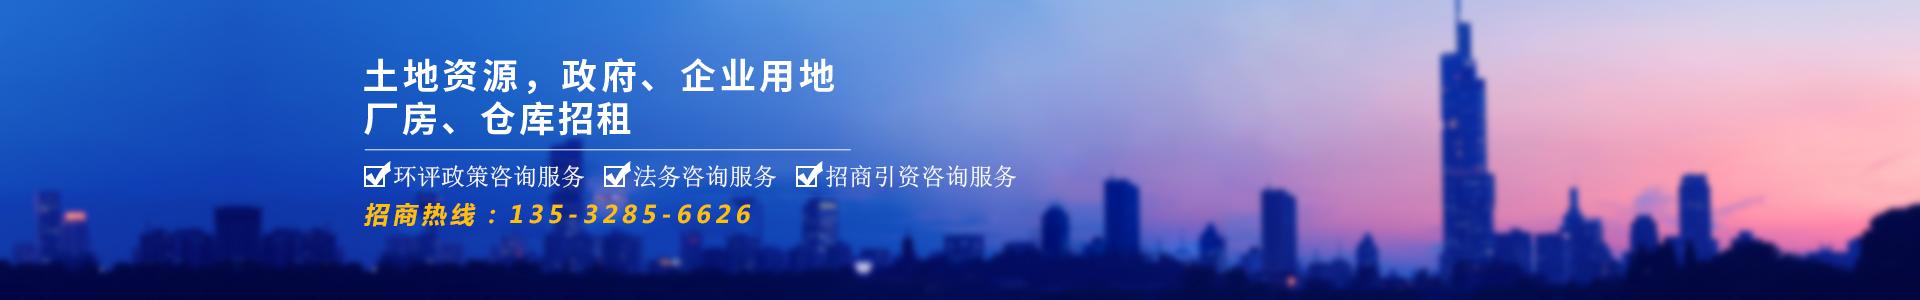 http://www.dggsdc.com/data/upload/202004/20200407111717_494.jpg